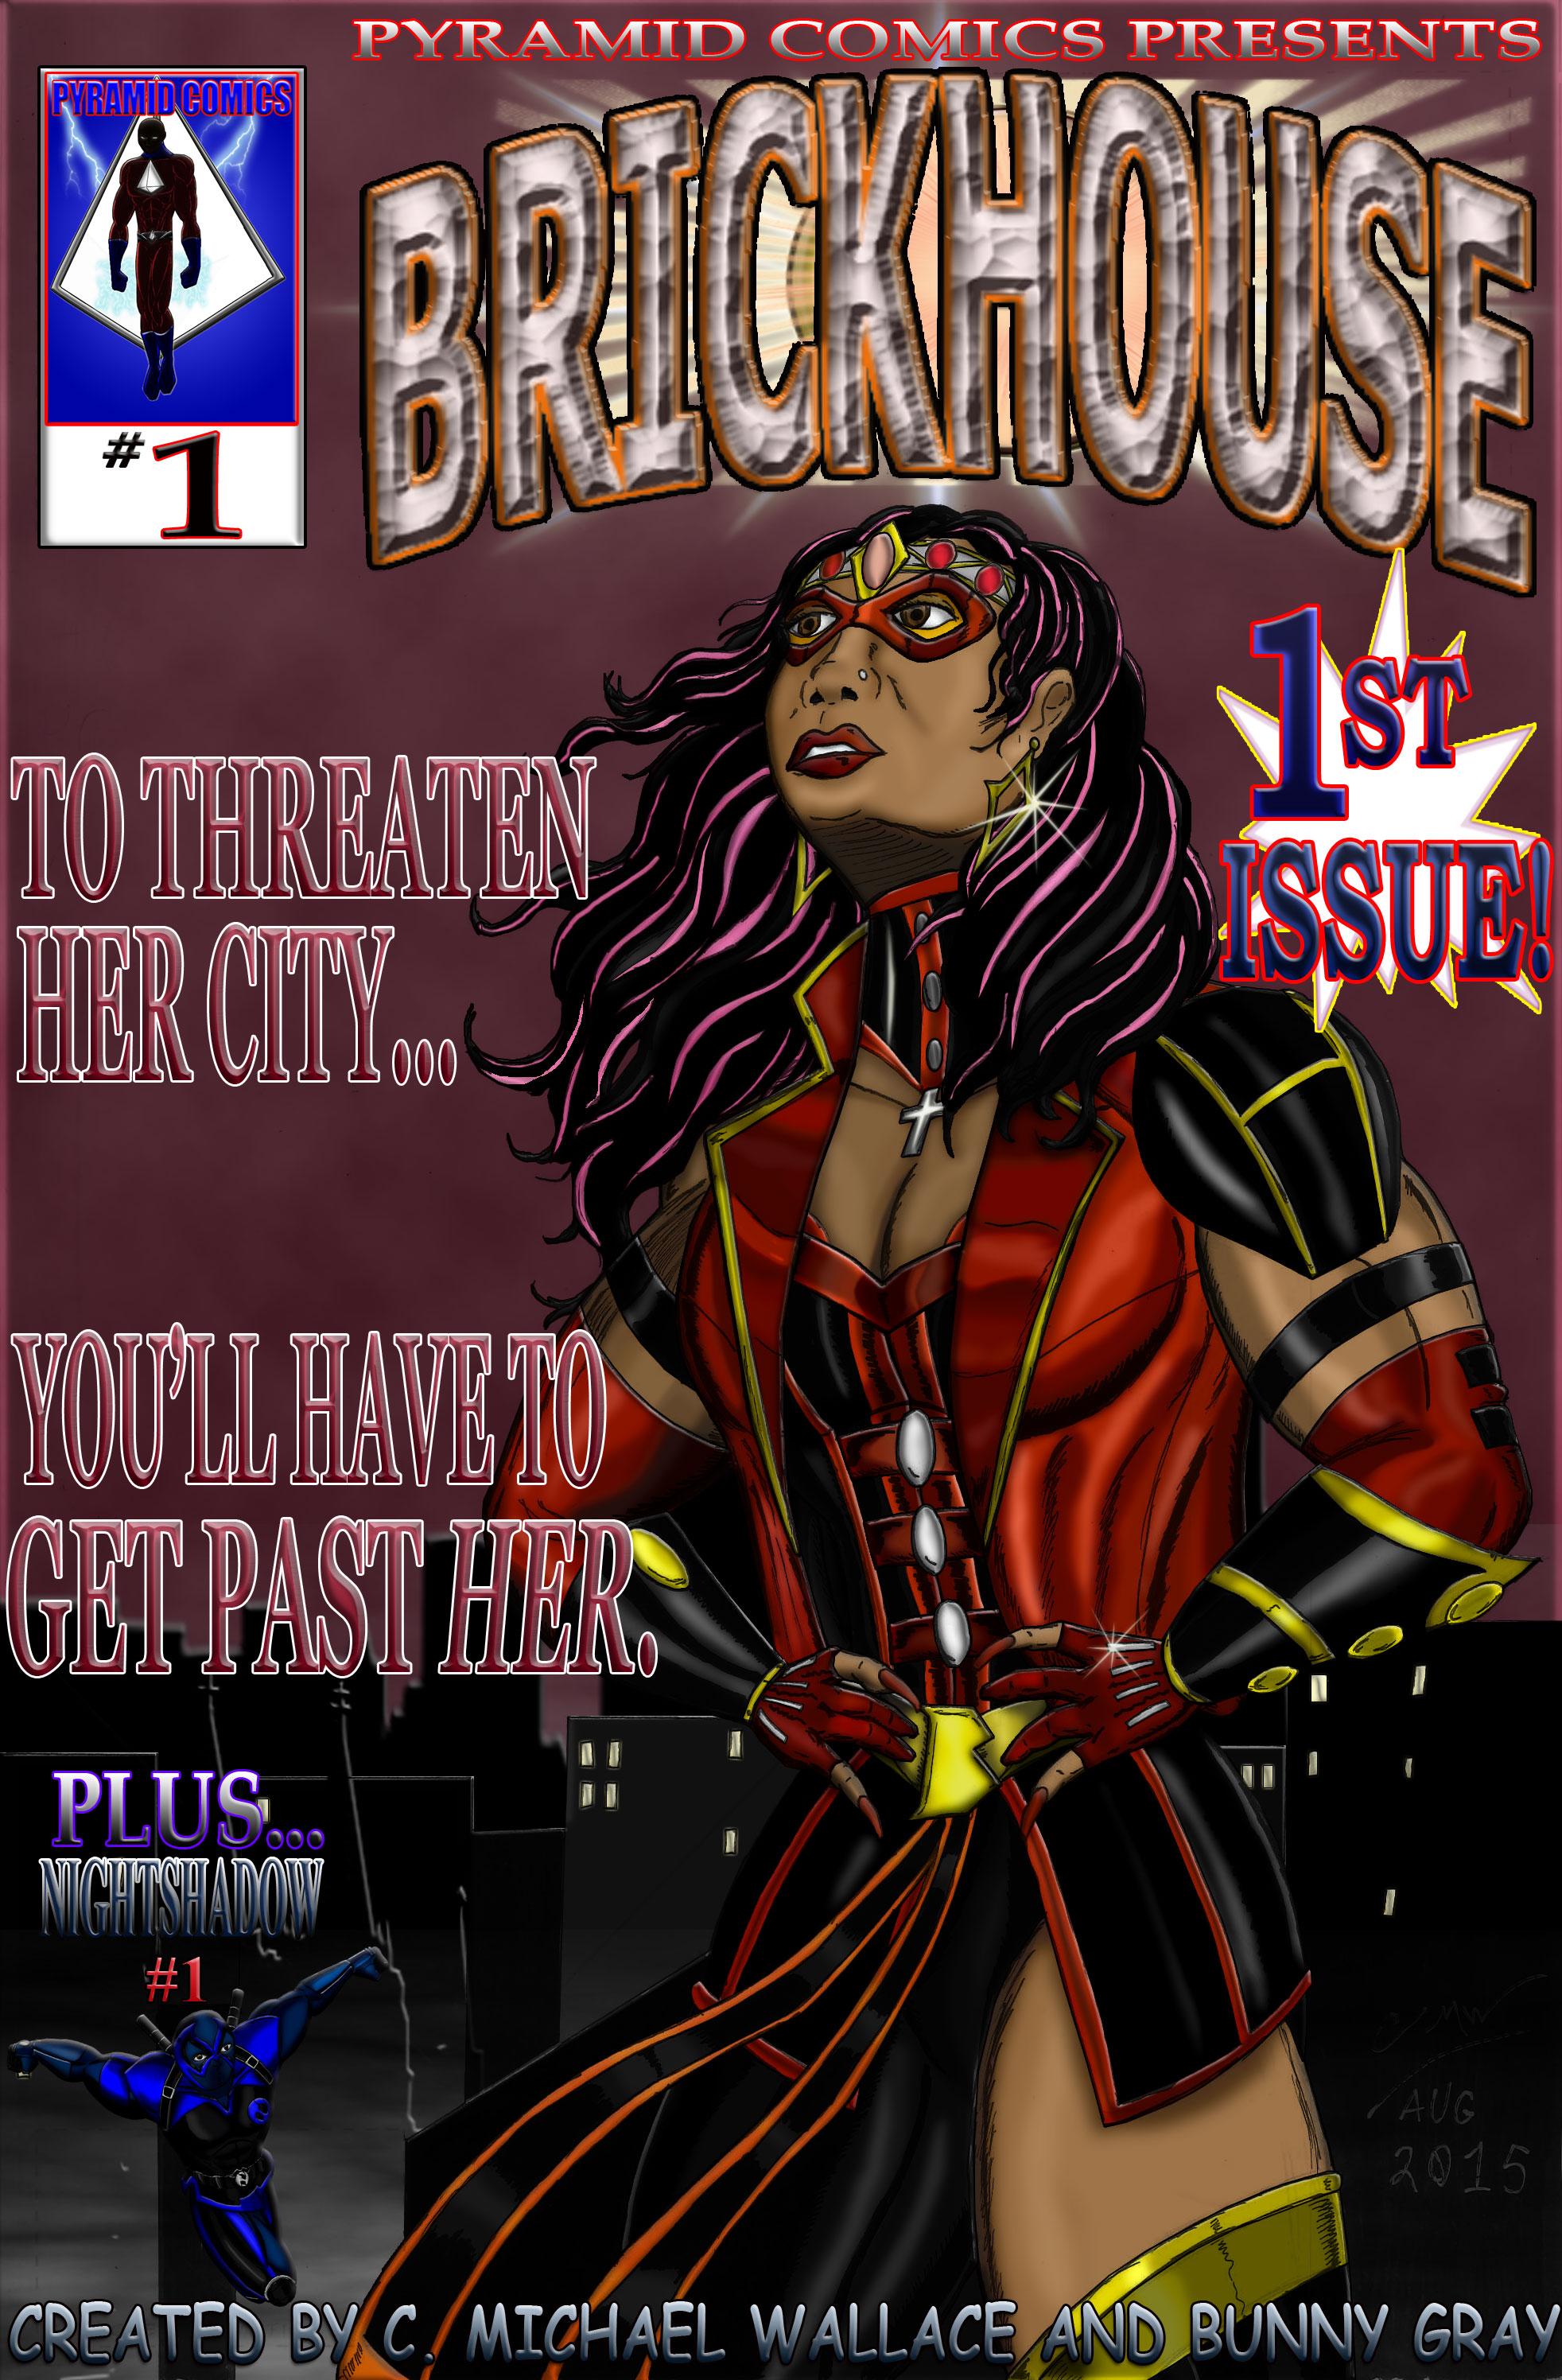 BH-COVER.jpg